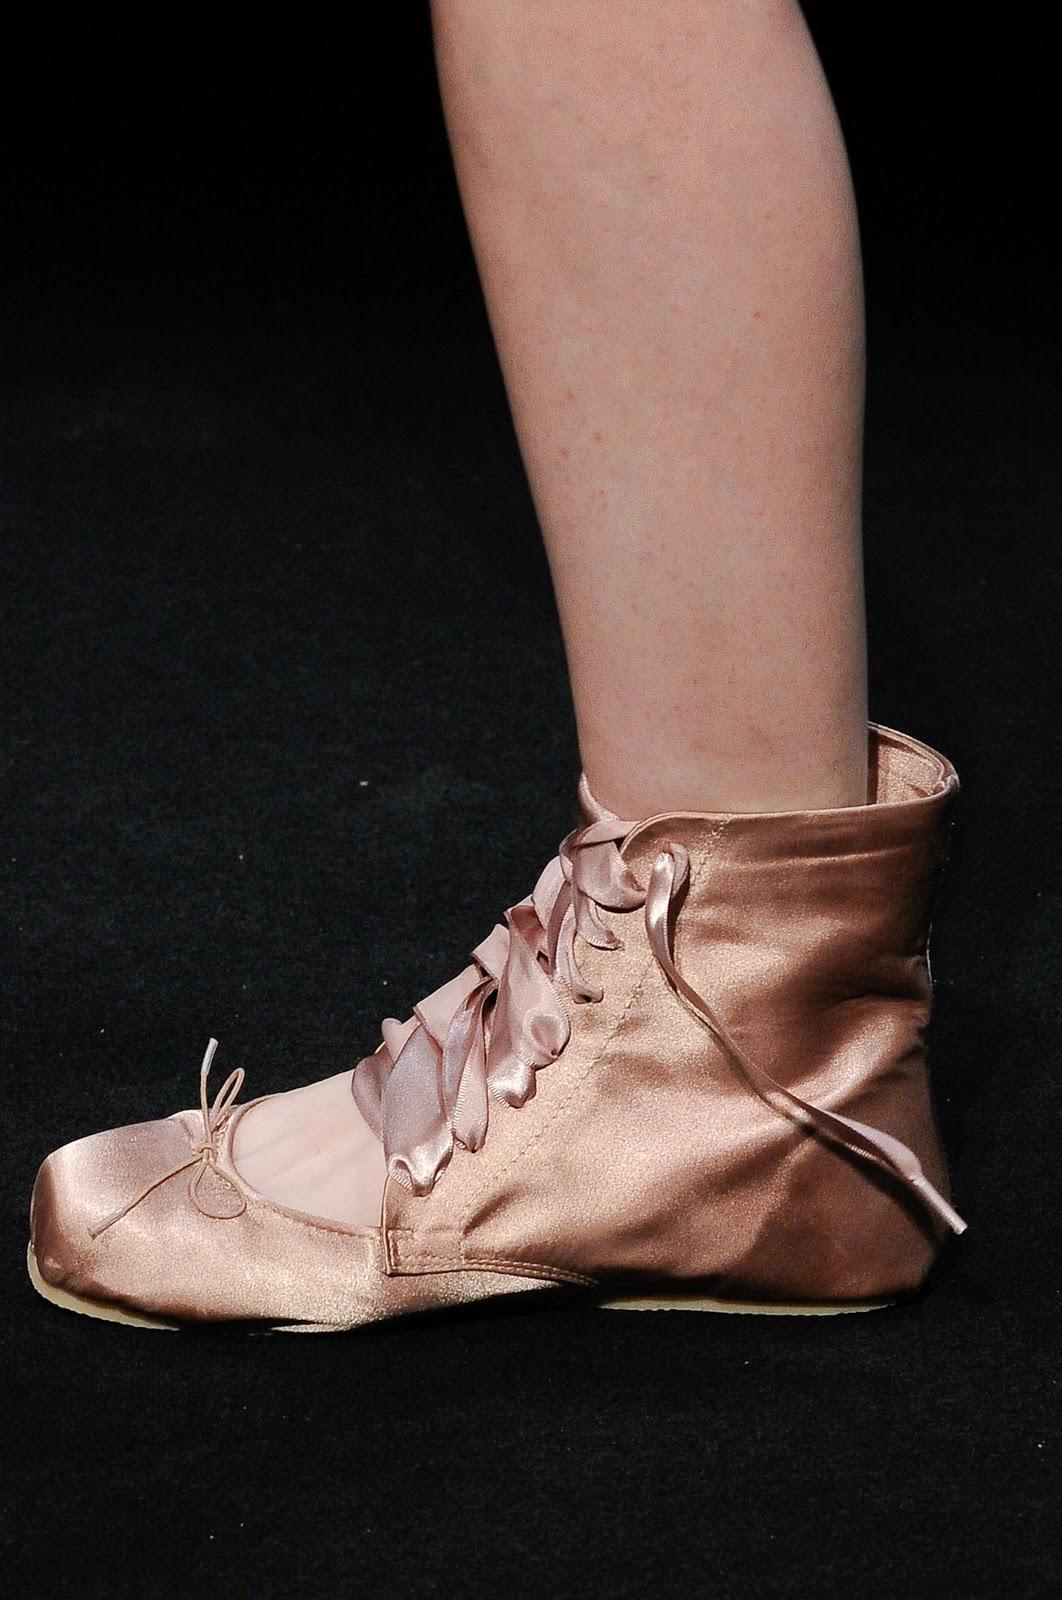 http://3.bp.blogspot.com/_dKyx_HOMpWE/TVB9e2s1DNI/AAAAAAAAMmM/OukBQJcCuDs/s1600/balletmb.jpg